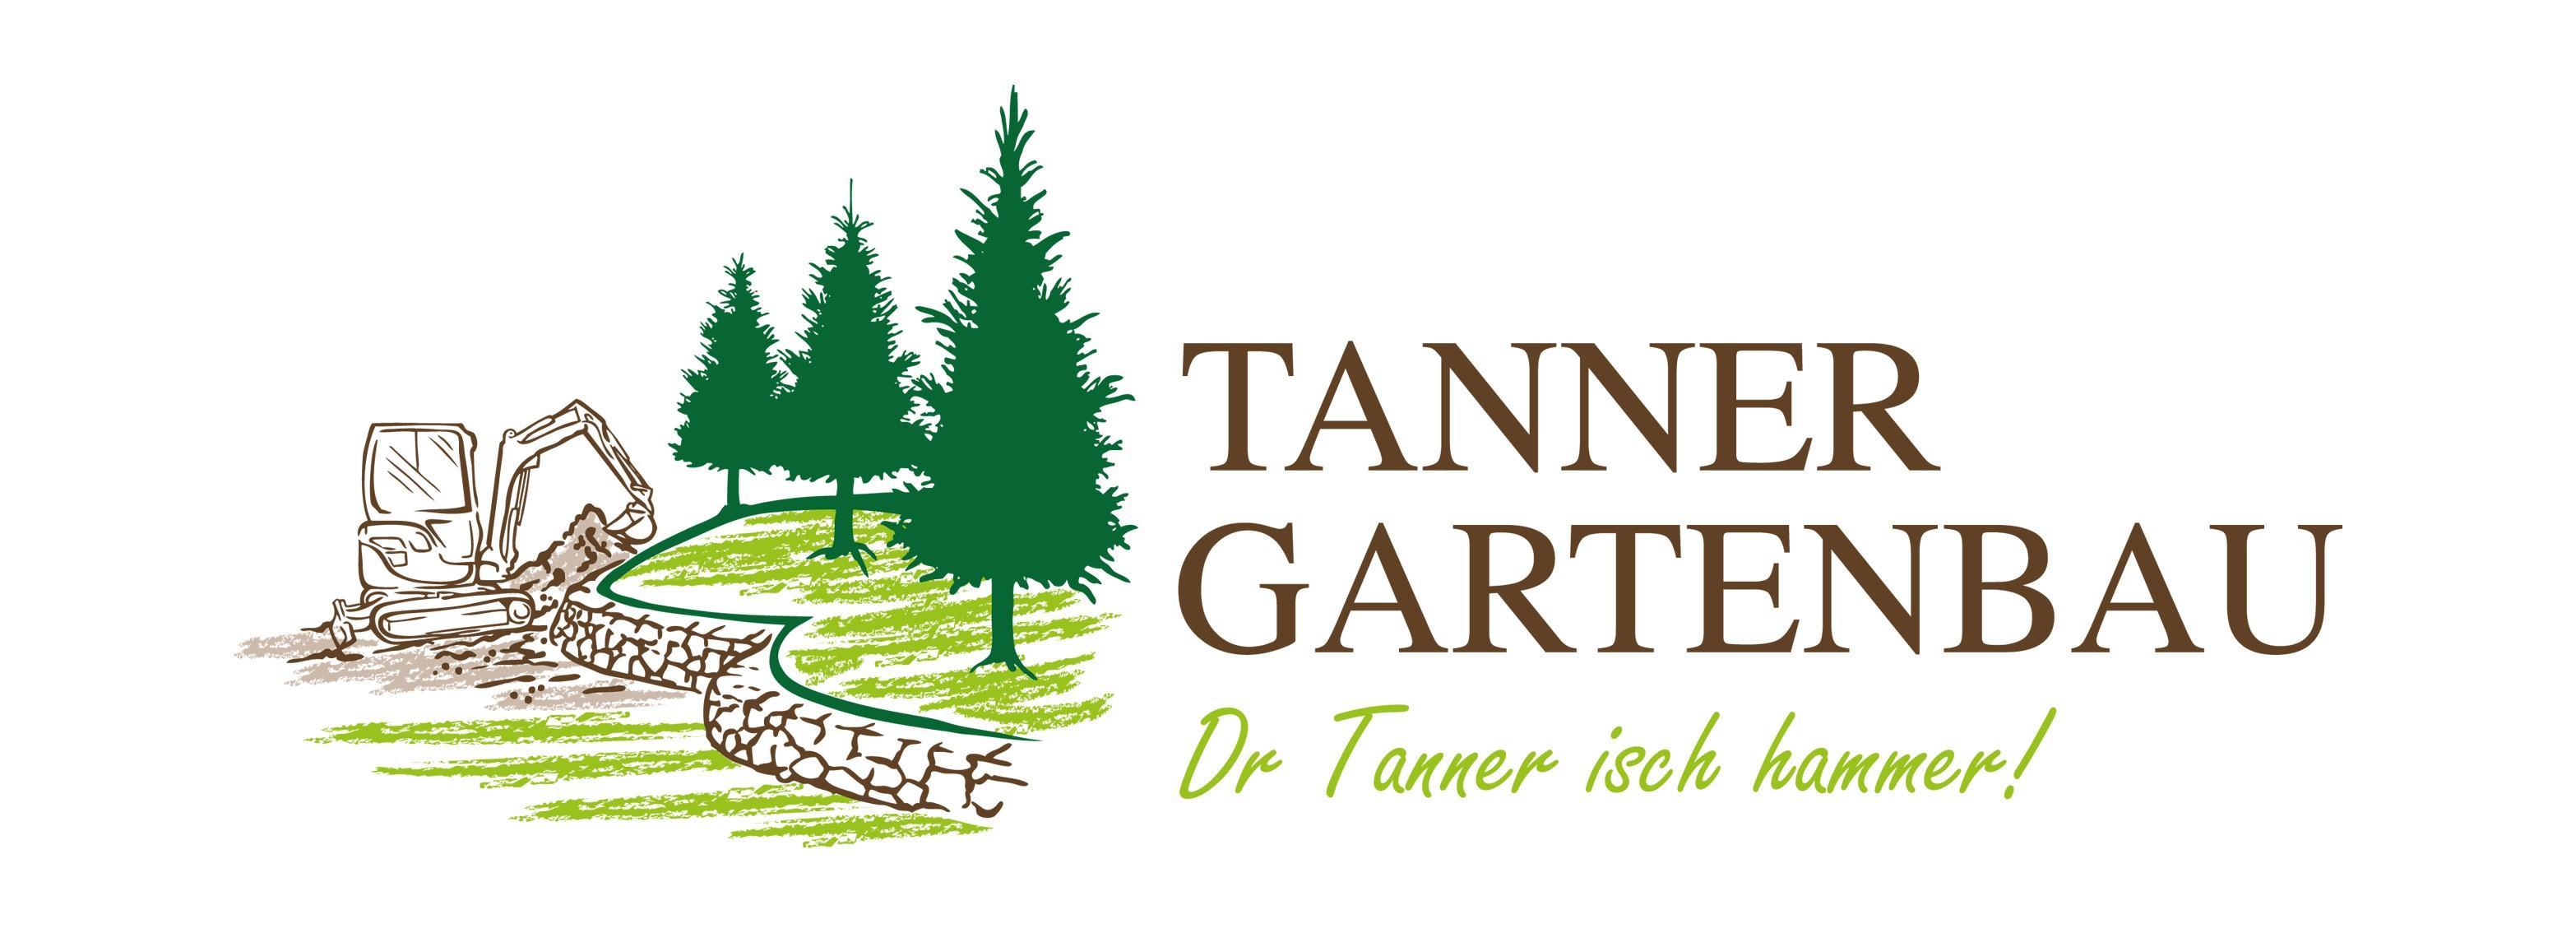 Dynamischer Start up Gärtner benötigt einmaliges Logo